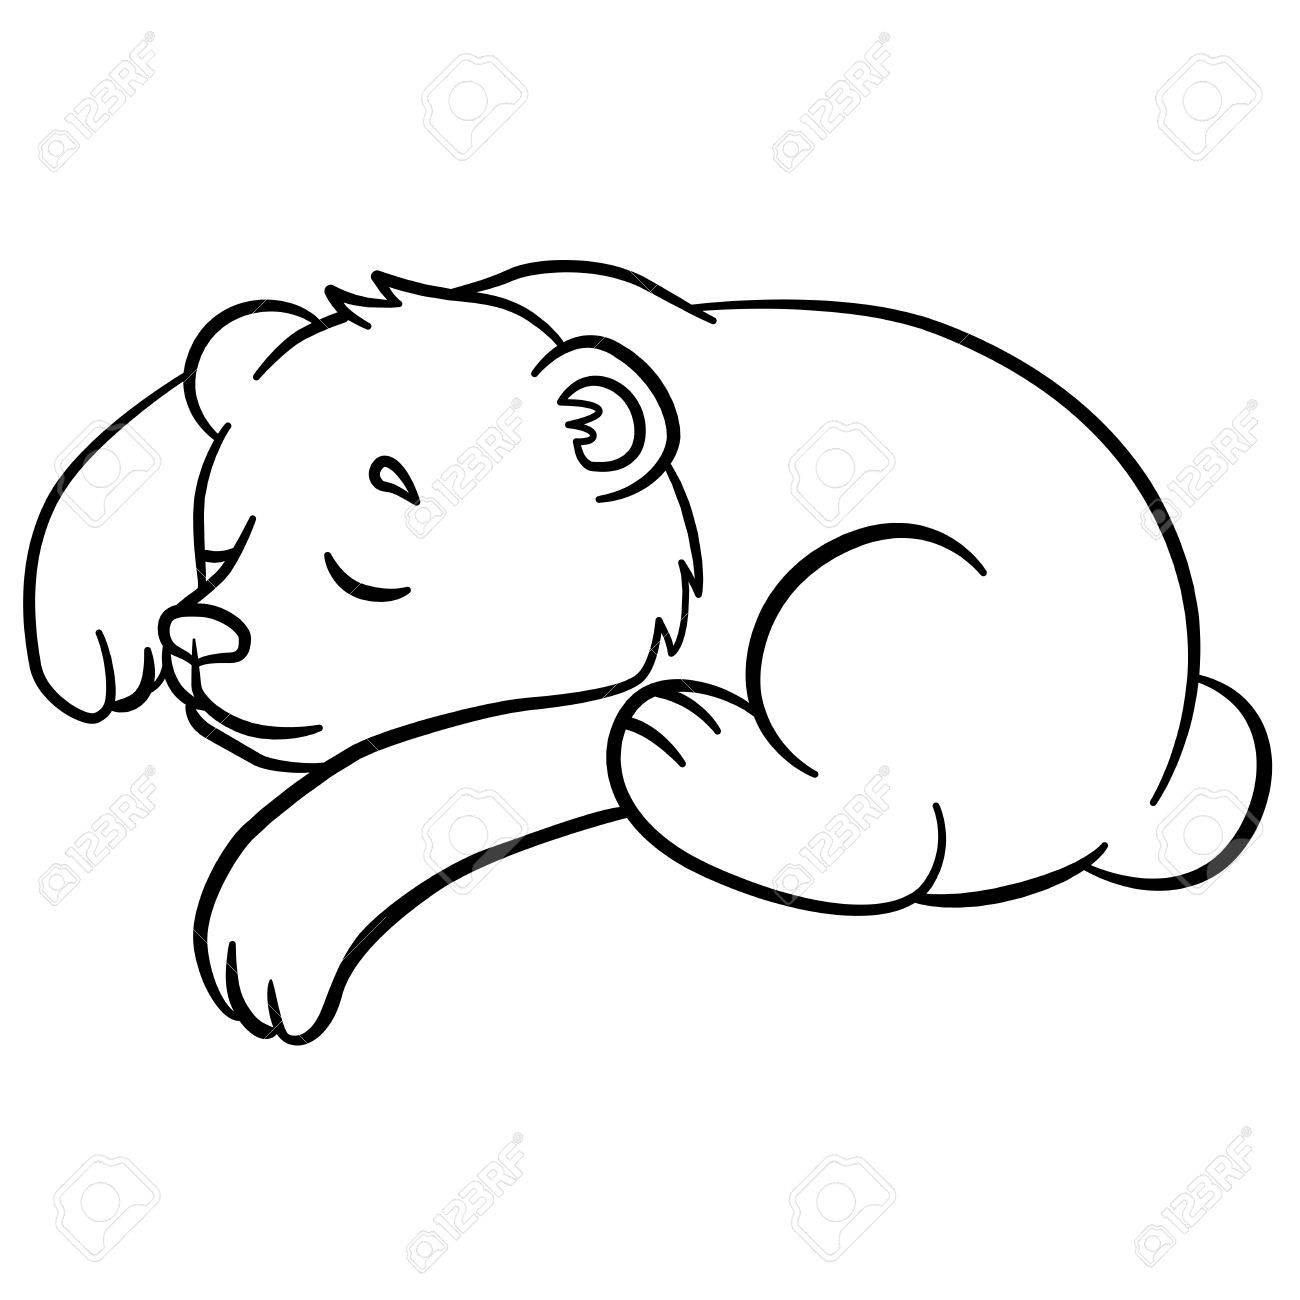 Malvorlagen Wilde Tiere Kleine Susse Baby Bar Schlaft Es Ist So Suss Lizenzfrei Nutzbare Vektorgrafiken Clip Arts Illustrationen Image 57627239